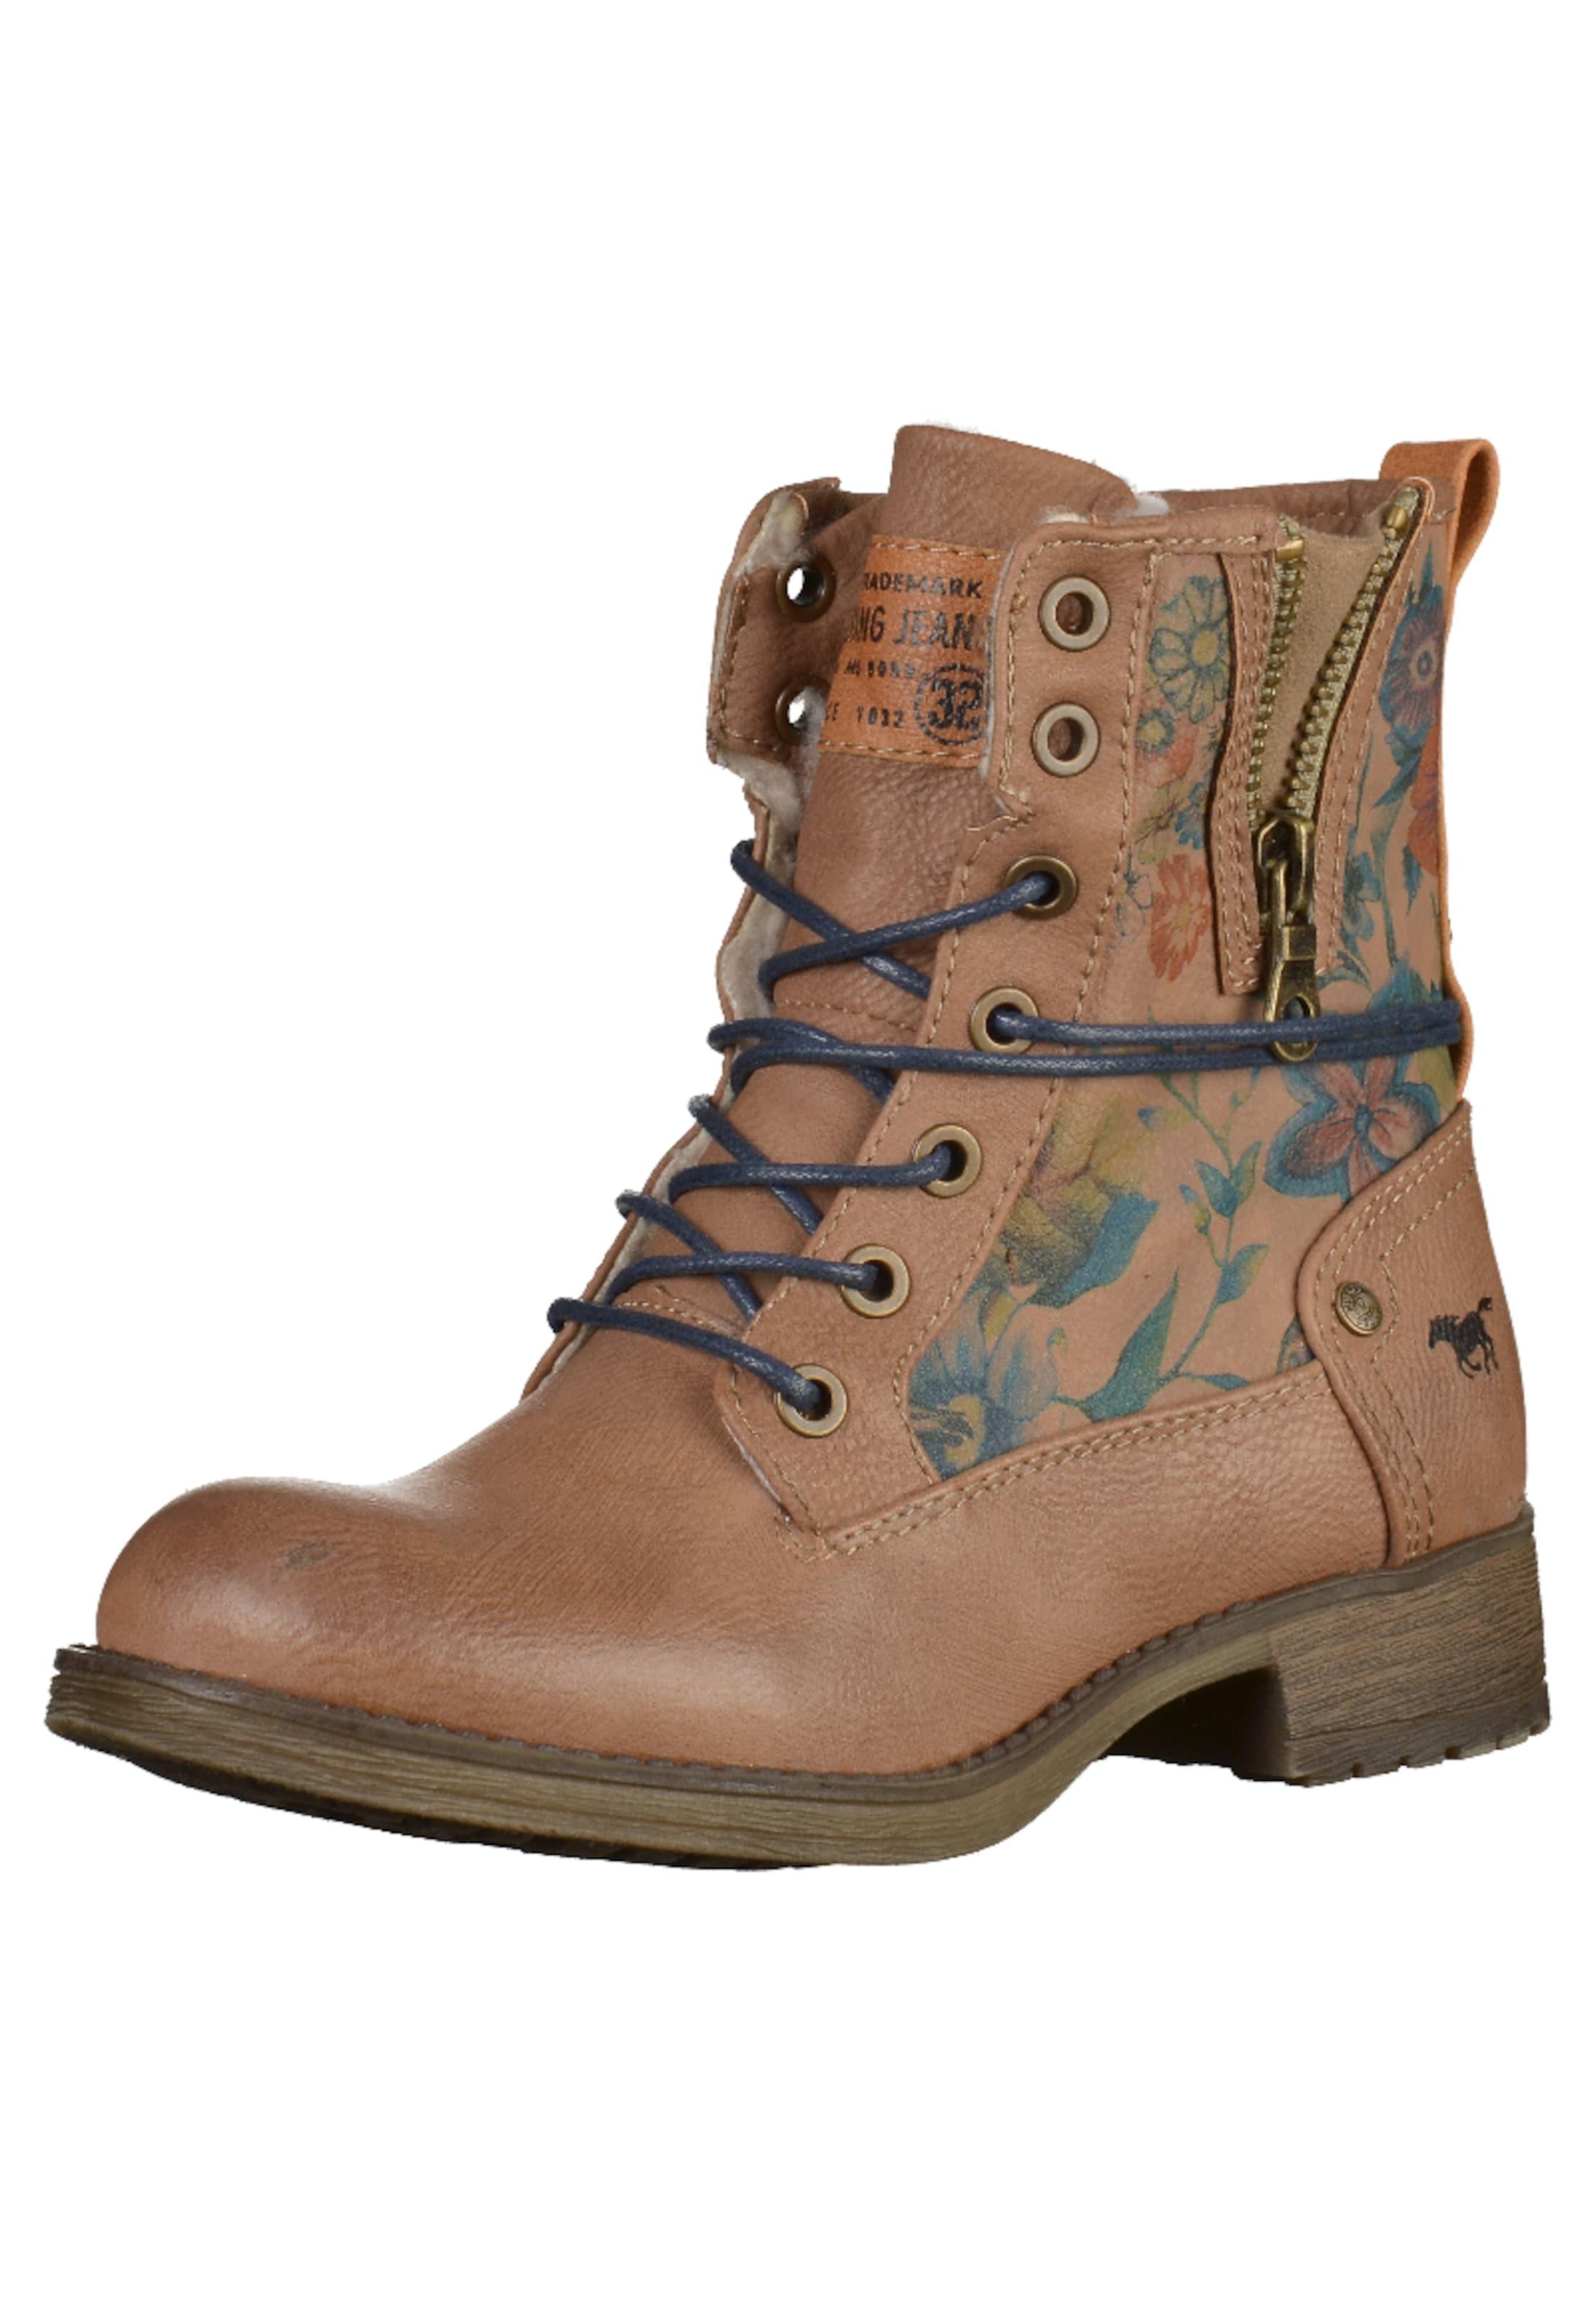 MUSTANG Schnürstiefel Verschleißfeste billige Schuhe Hohe Qualität